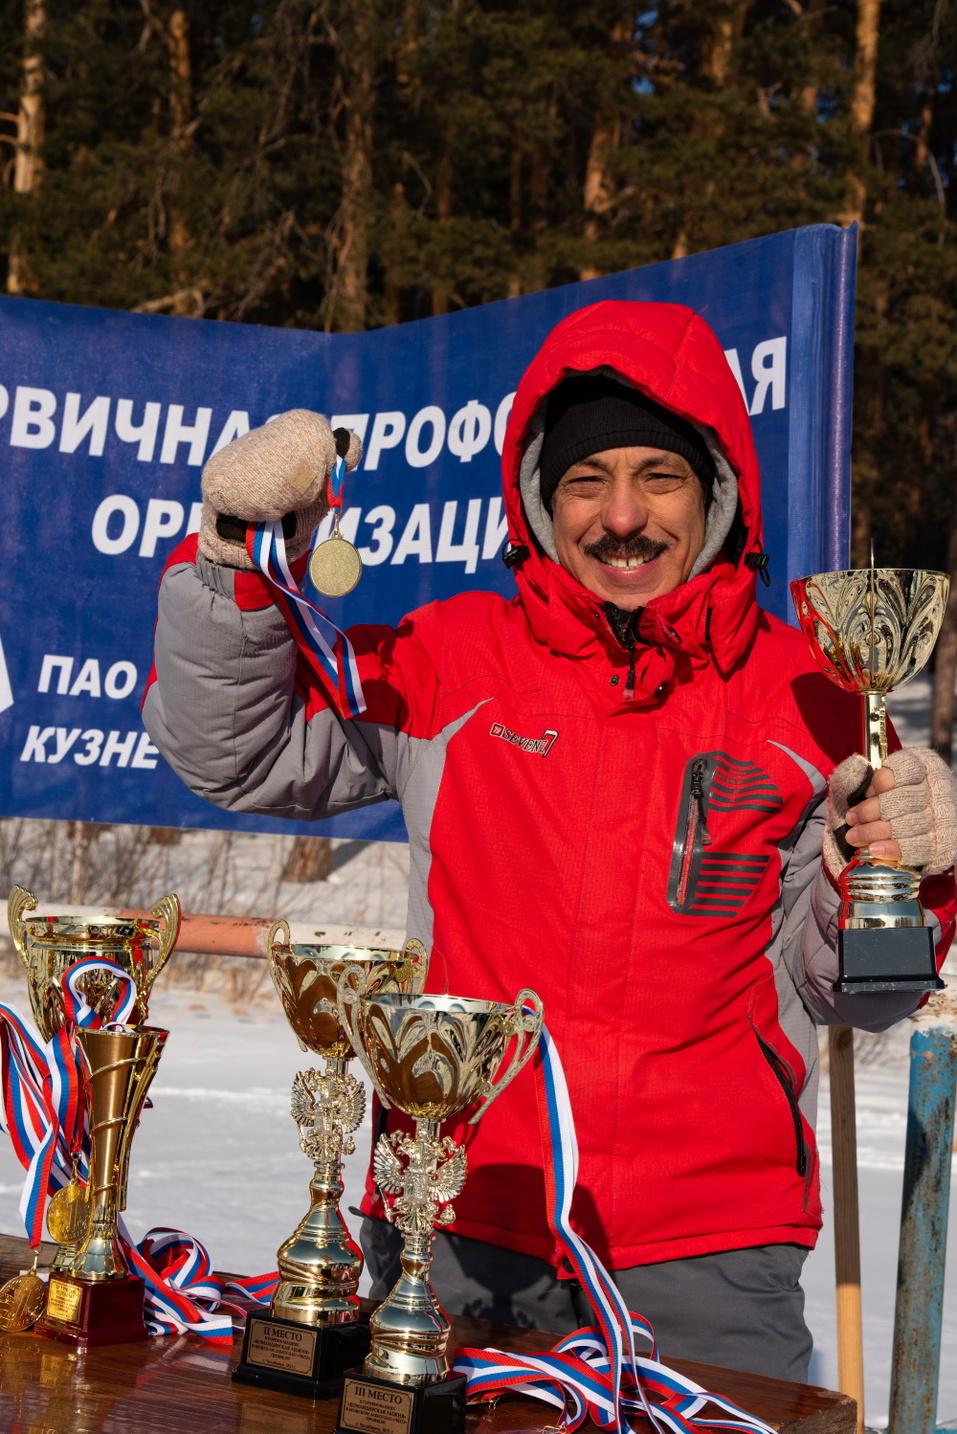 Традиция проводить «командирскую лыжню» появилась на ЧКПЗ ещё в прошлом столетии 1